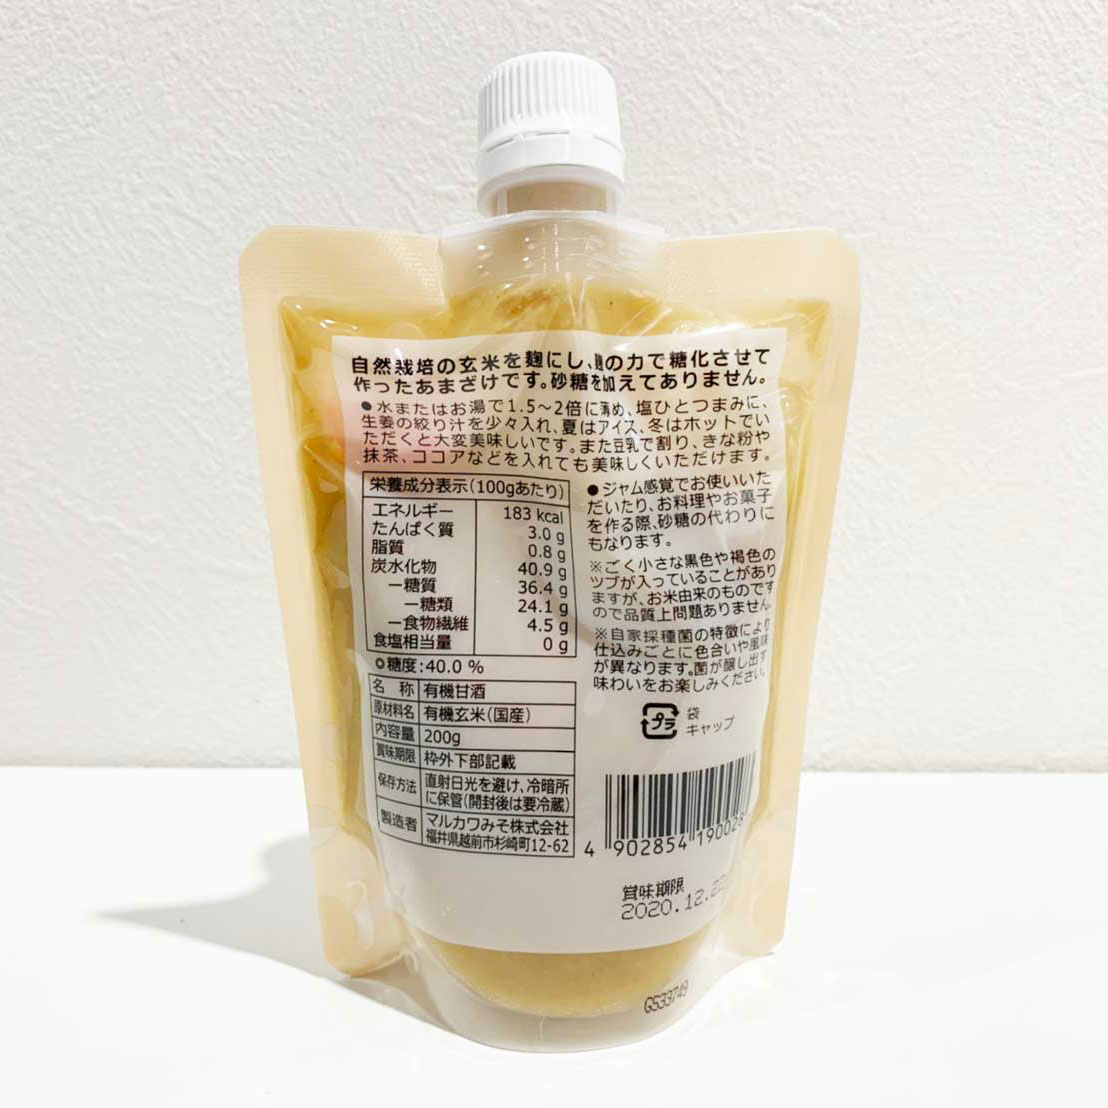 【中野明海さんおススメ!】【3袋セット】自家採種菌の米麹だけでつくった 国産自然栽培米100% 玄米あまざけ